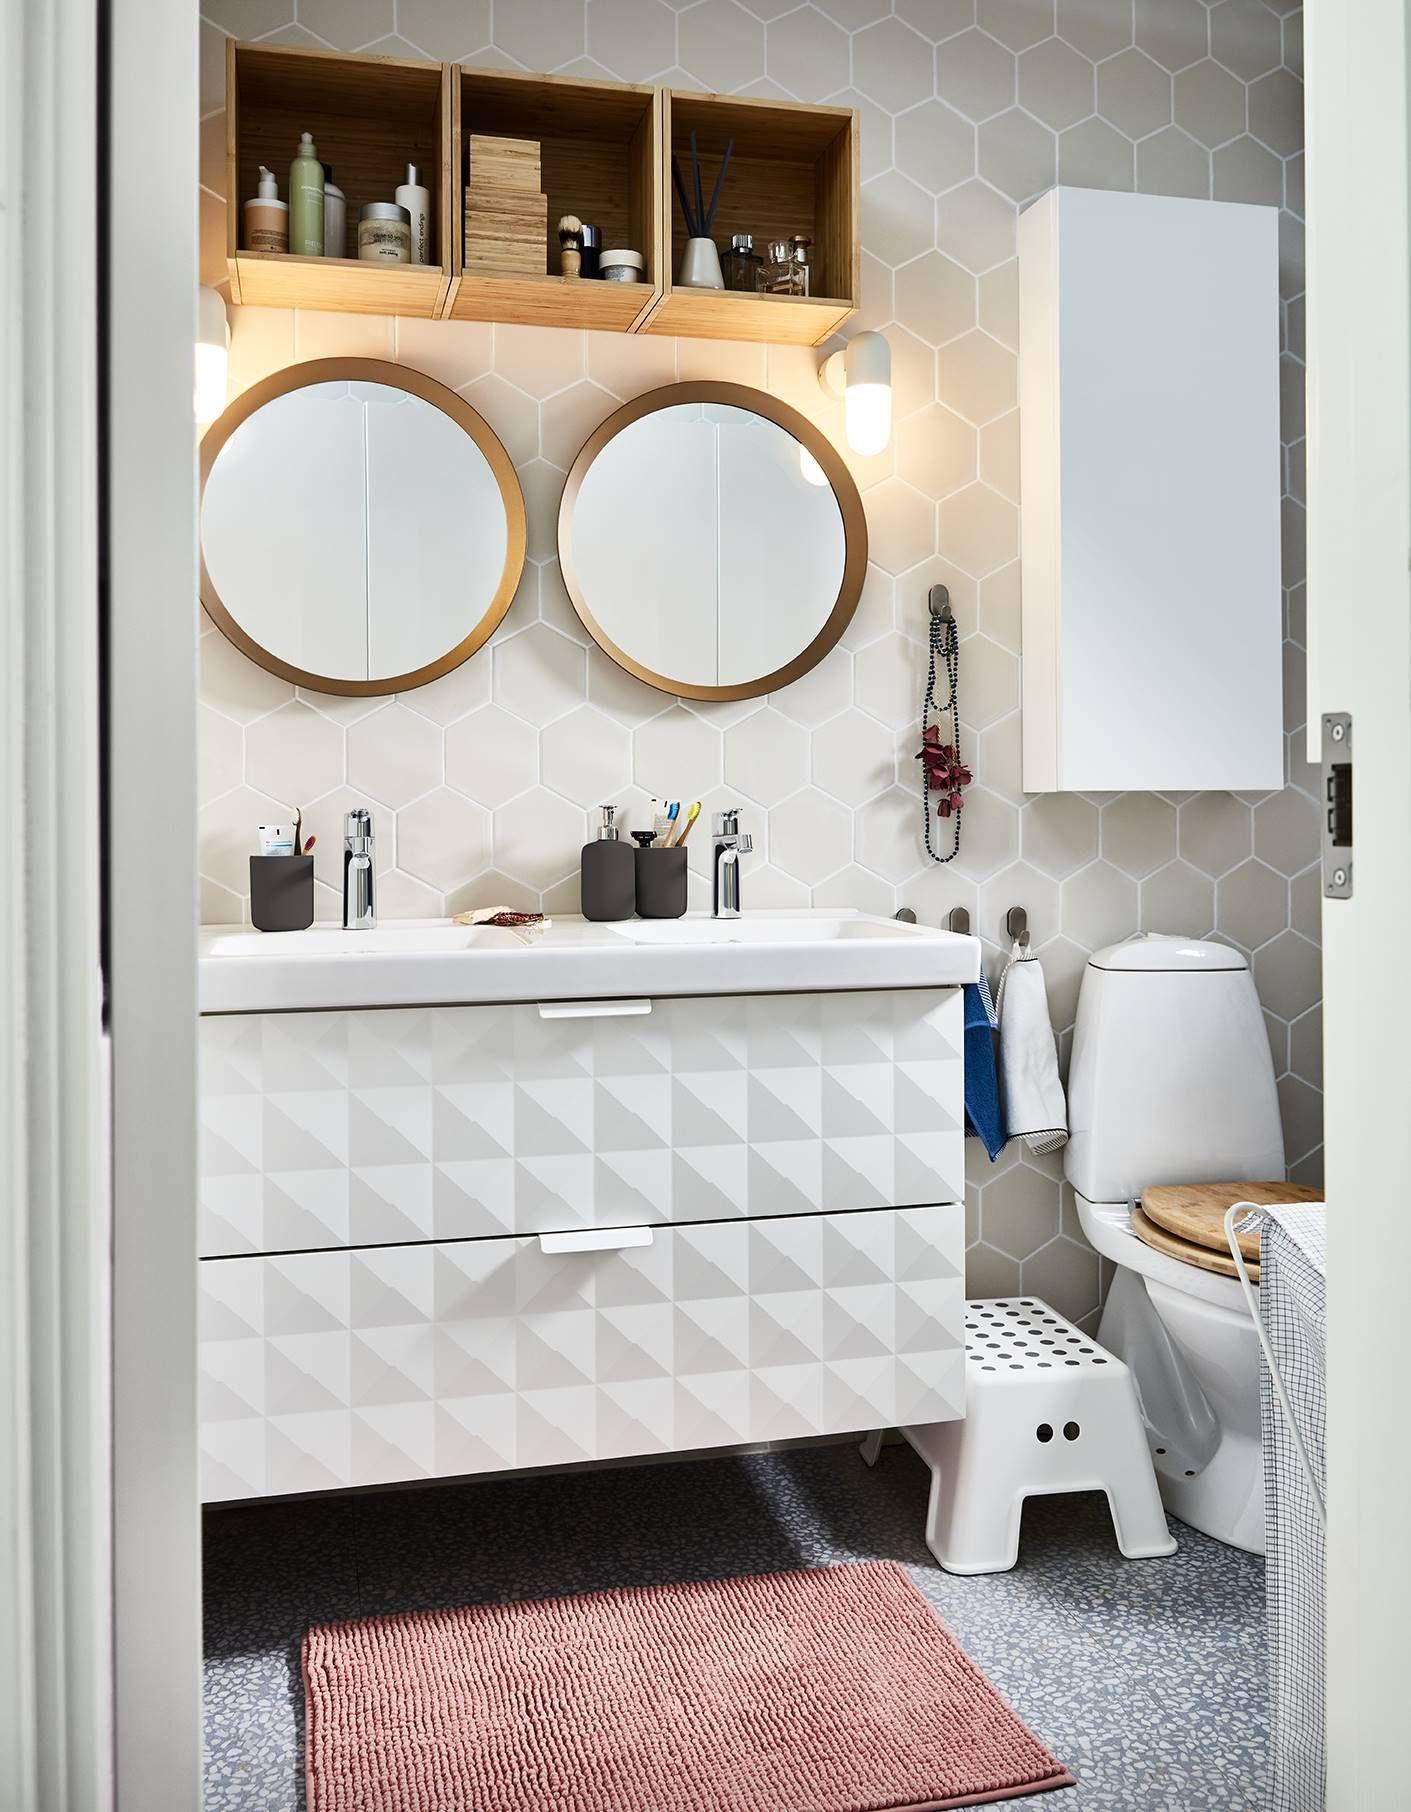 Pictures of Catalogue Salle De Bains Ikea